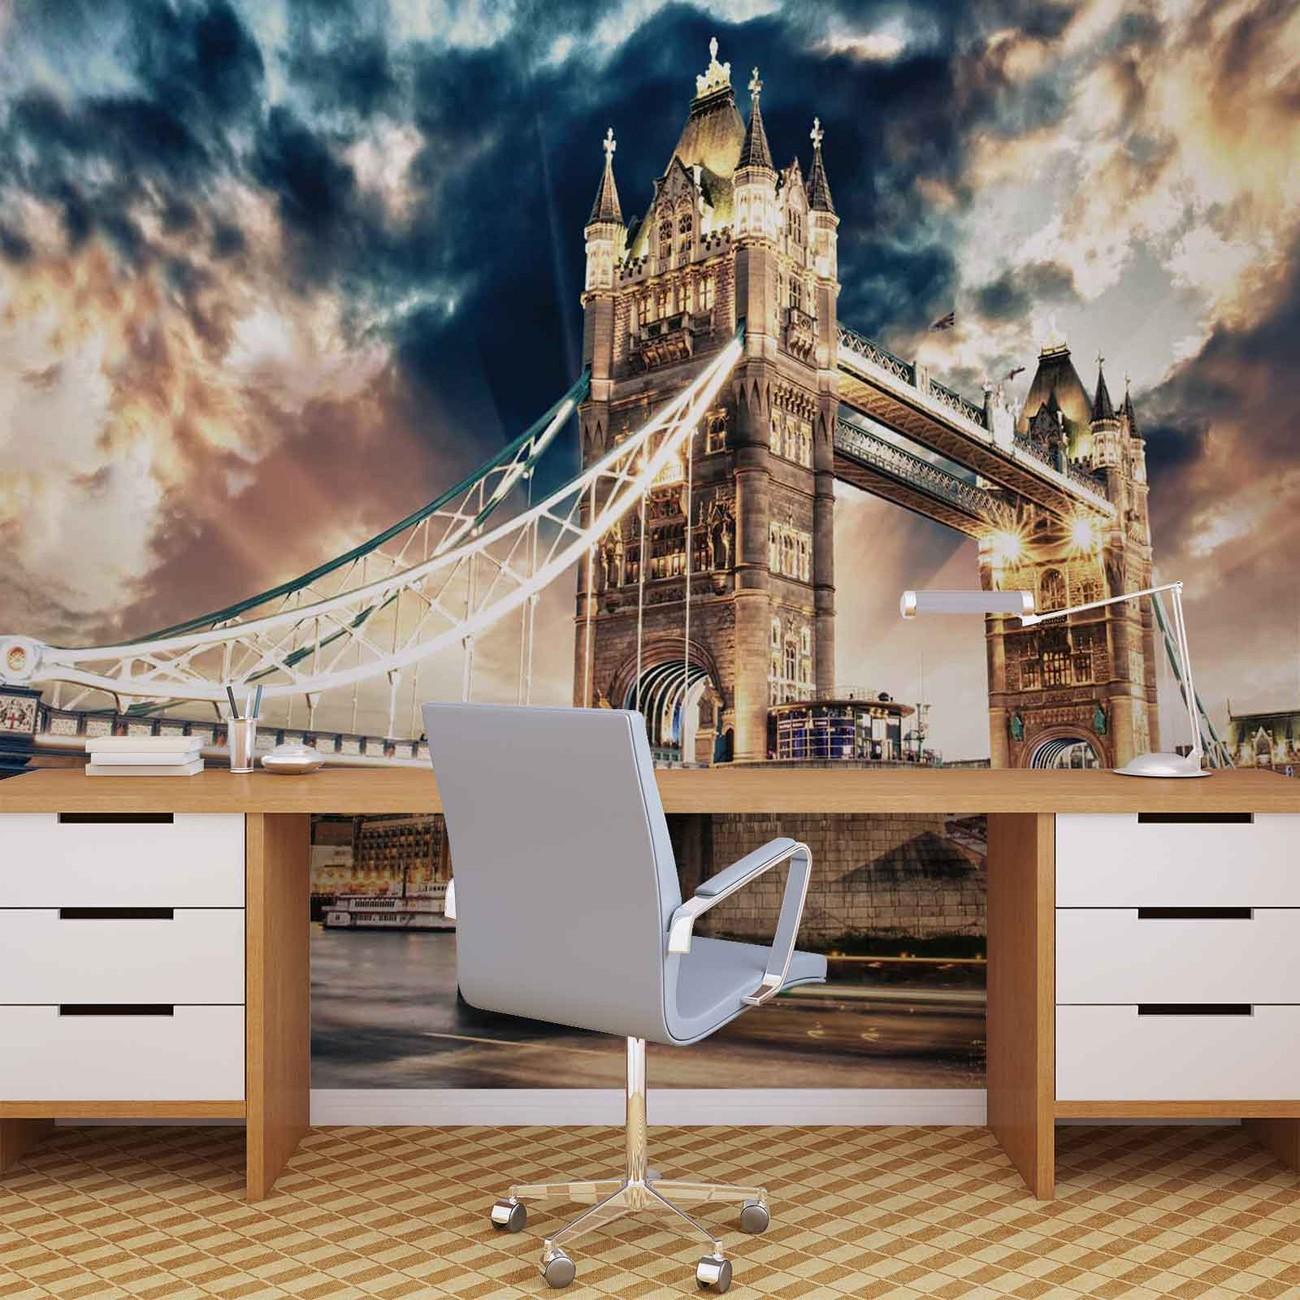 ville de londres tower bridge poster mural papier peint acheter le sur. Black Bedroom Furniture Sets. Home Design Ideas